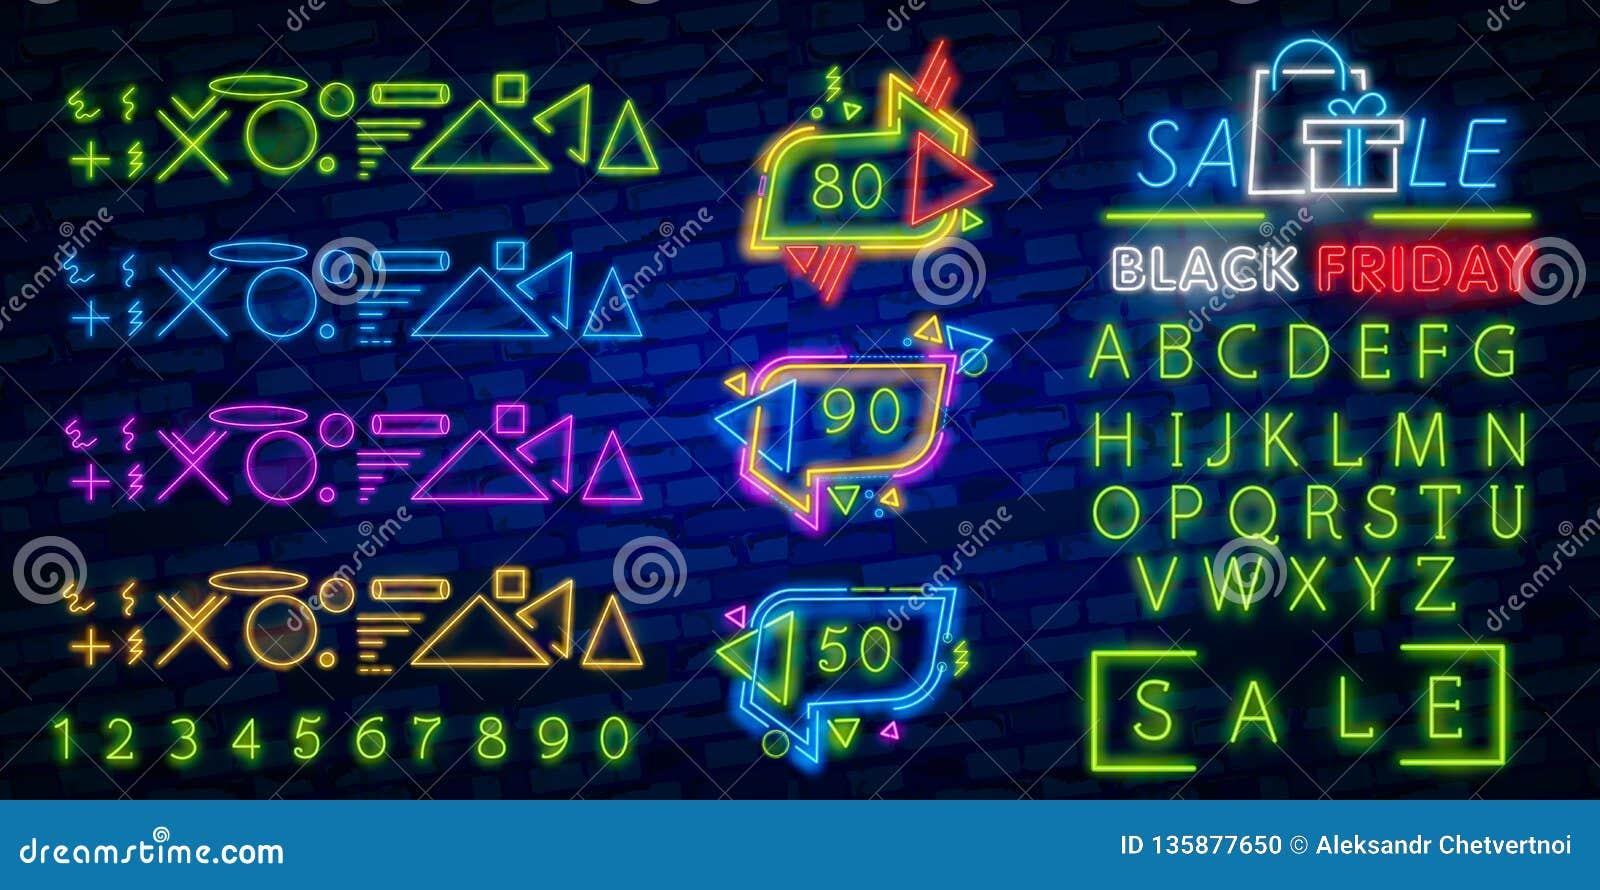 Svart fredag baner Original- affisch för rabatt Geometriska former och neon glöder mot en mörk bakgrund också vektor för coreldra